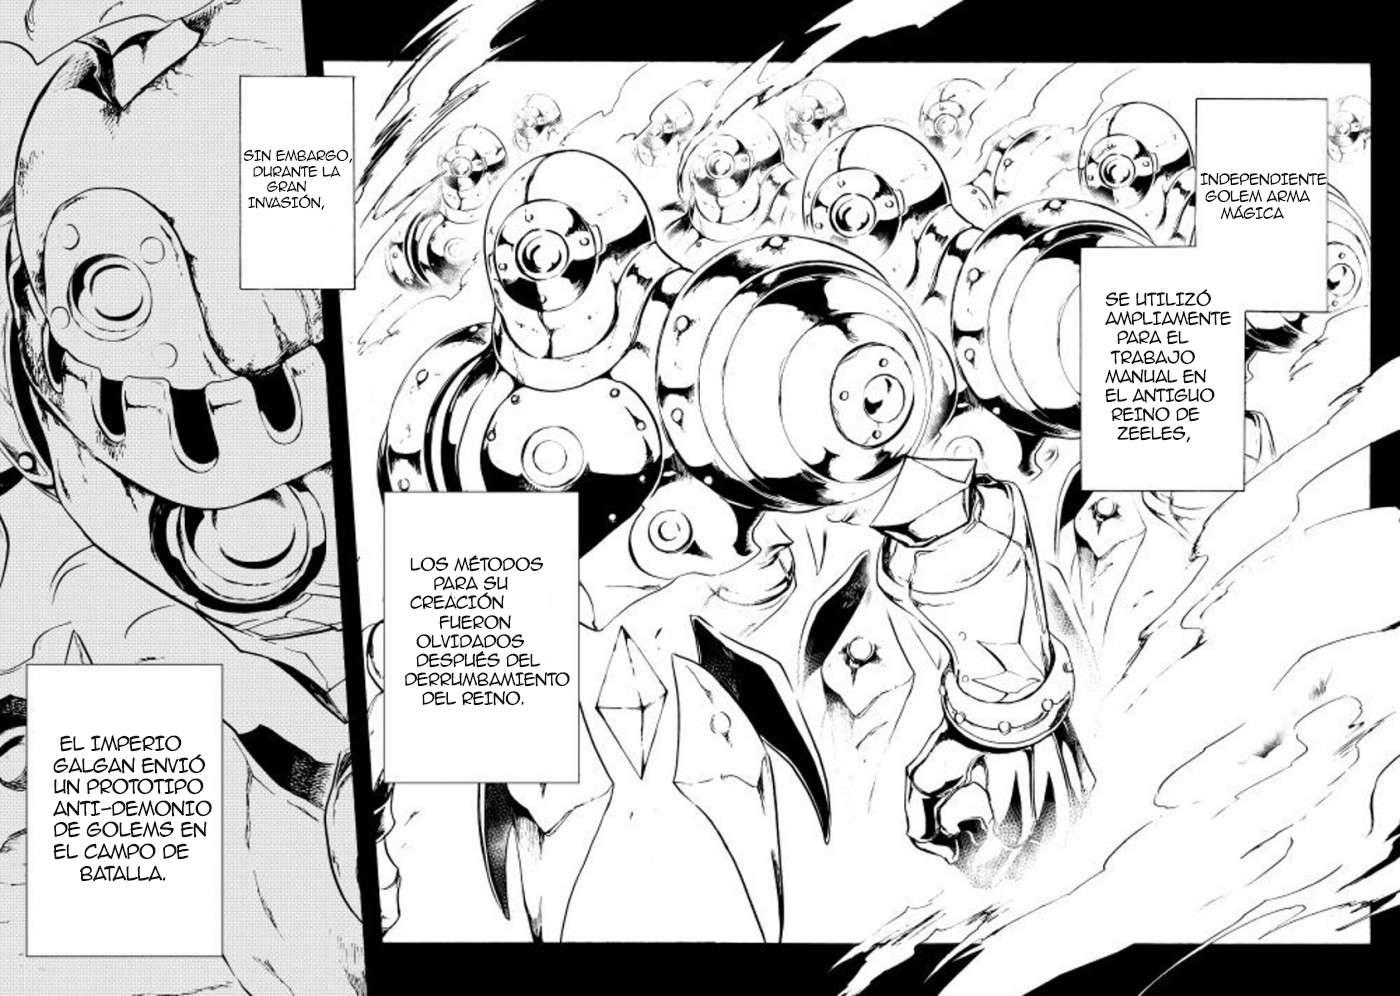 https://c5.ninemanga.com/es_manga/61/14781/390027/4ad8cb70c1c96e29fc4e4f015b7098cf.jpg Page 3